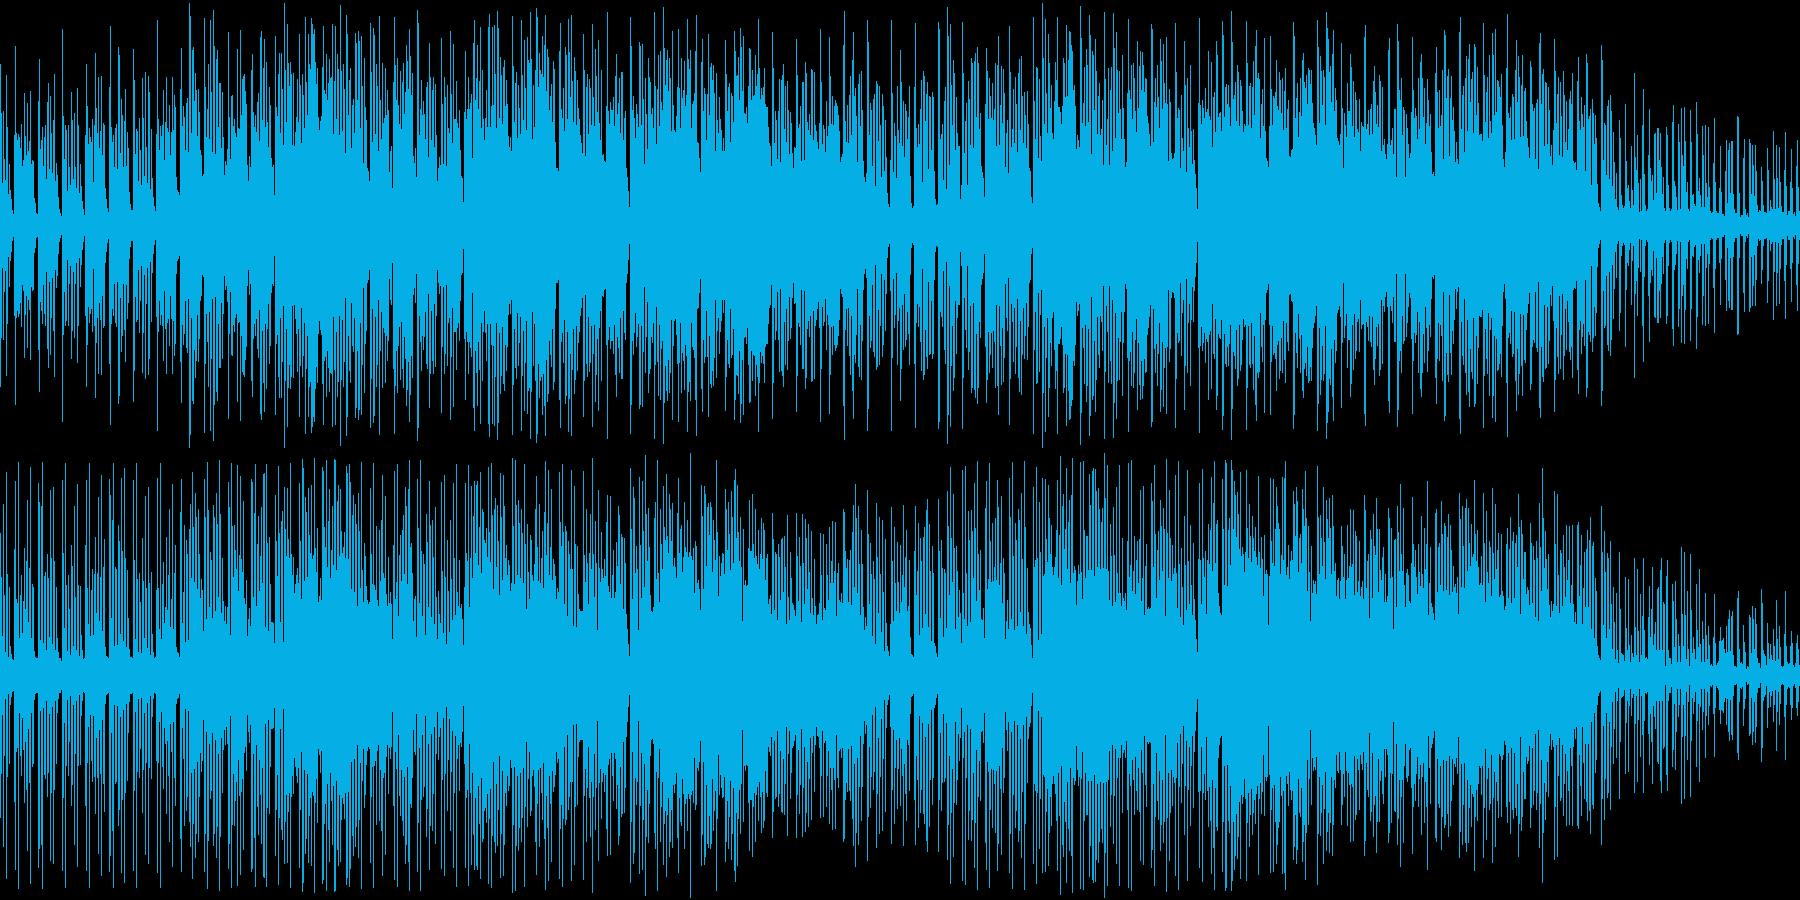 RPG・探検・スリル・オーケストラ調の再生済みの波形